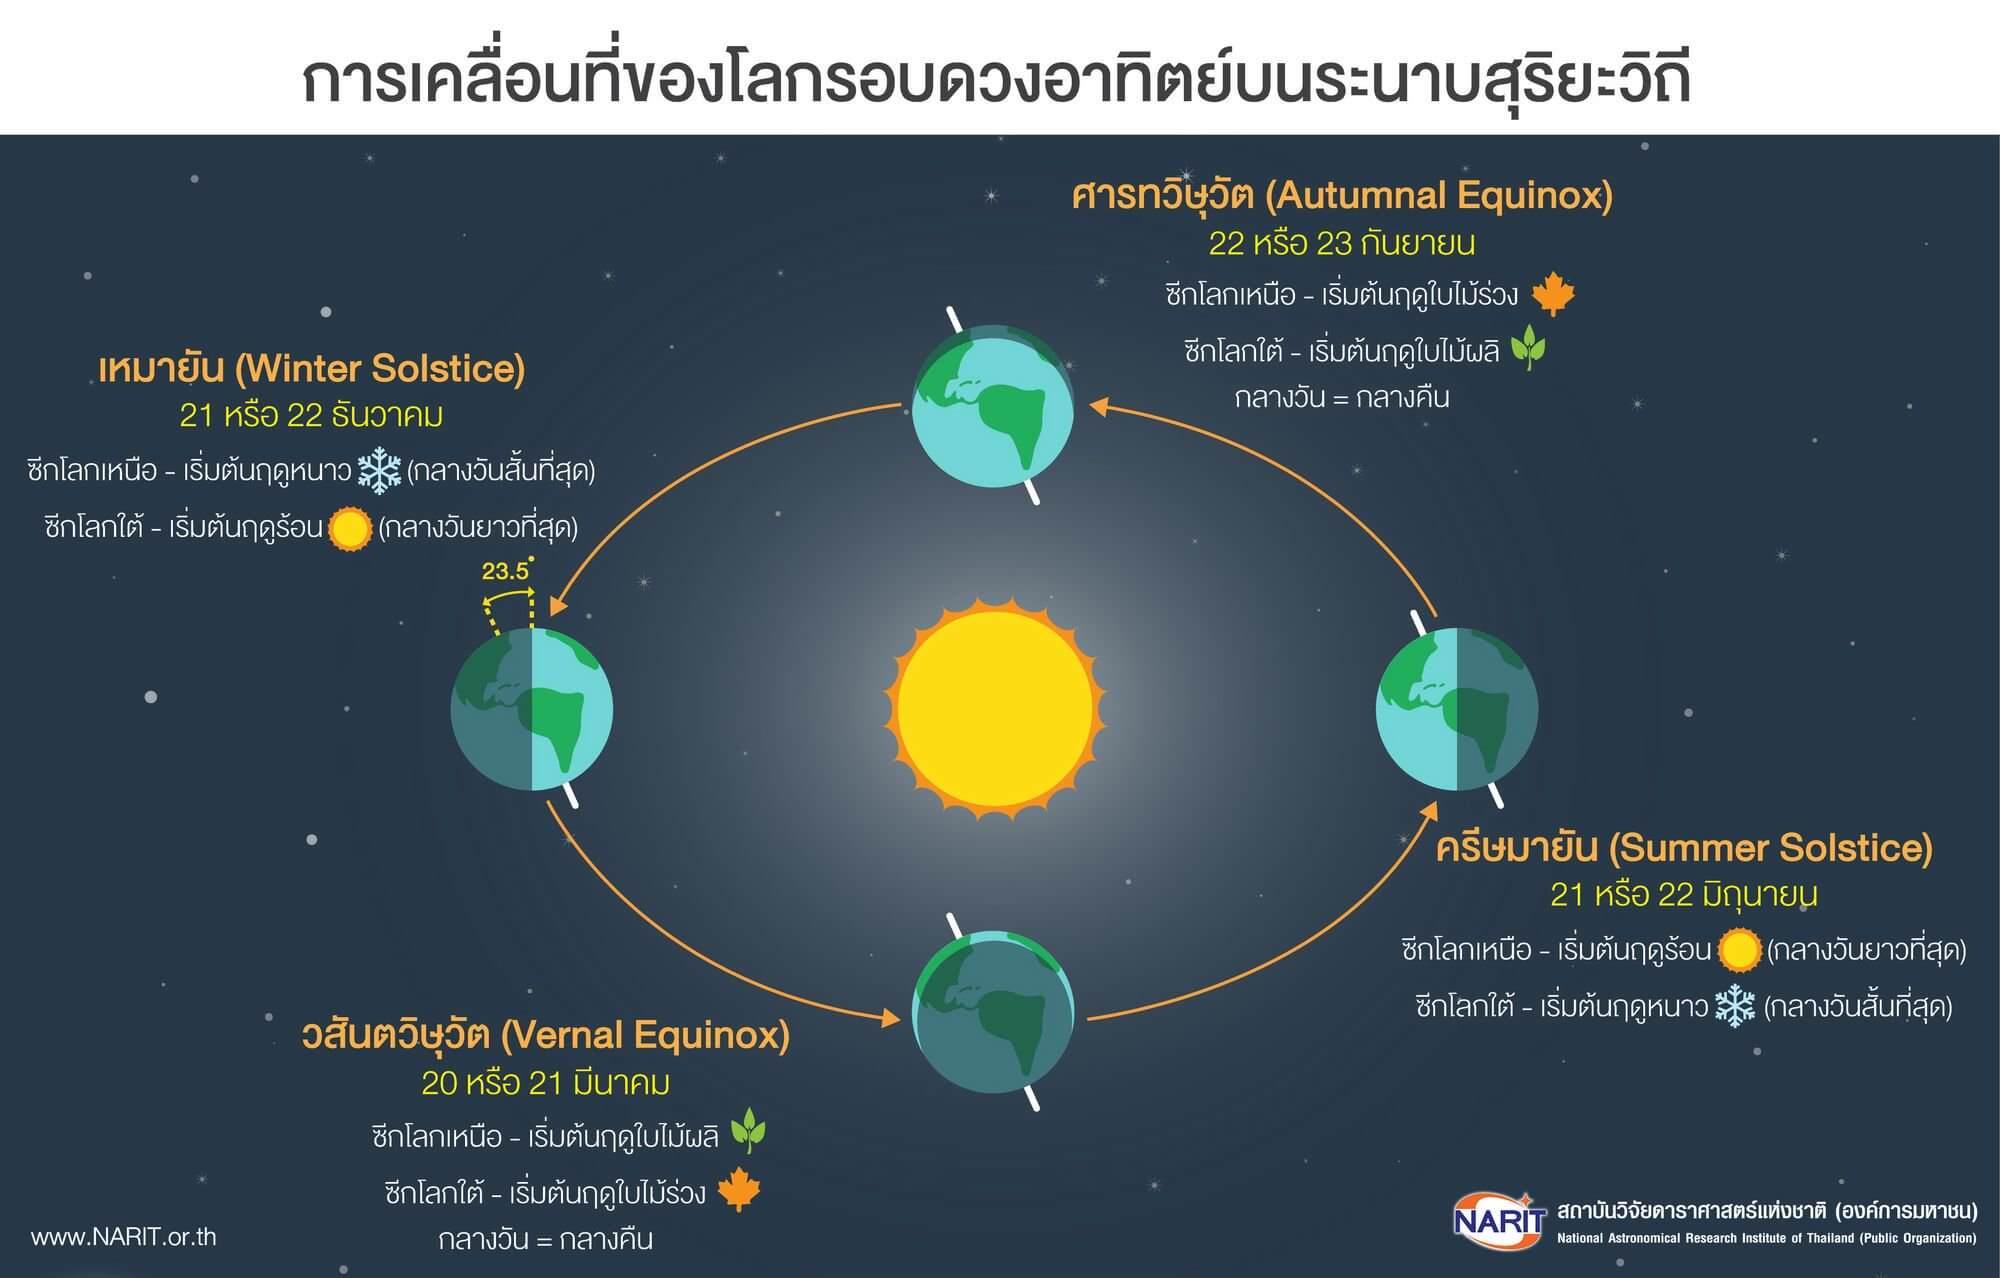 โลกหมุนรอบดวงอาทิตย์